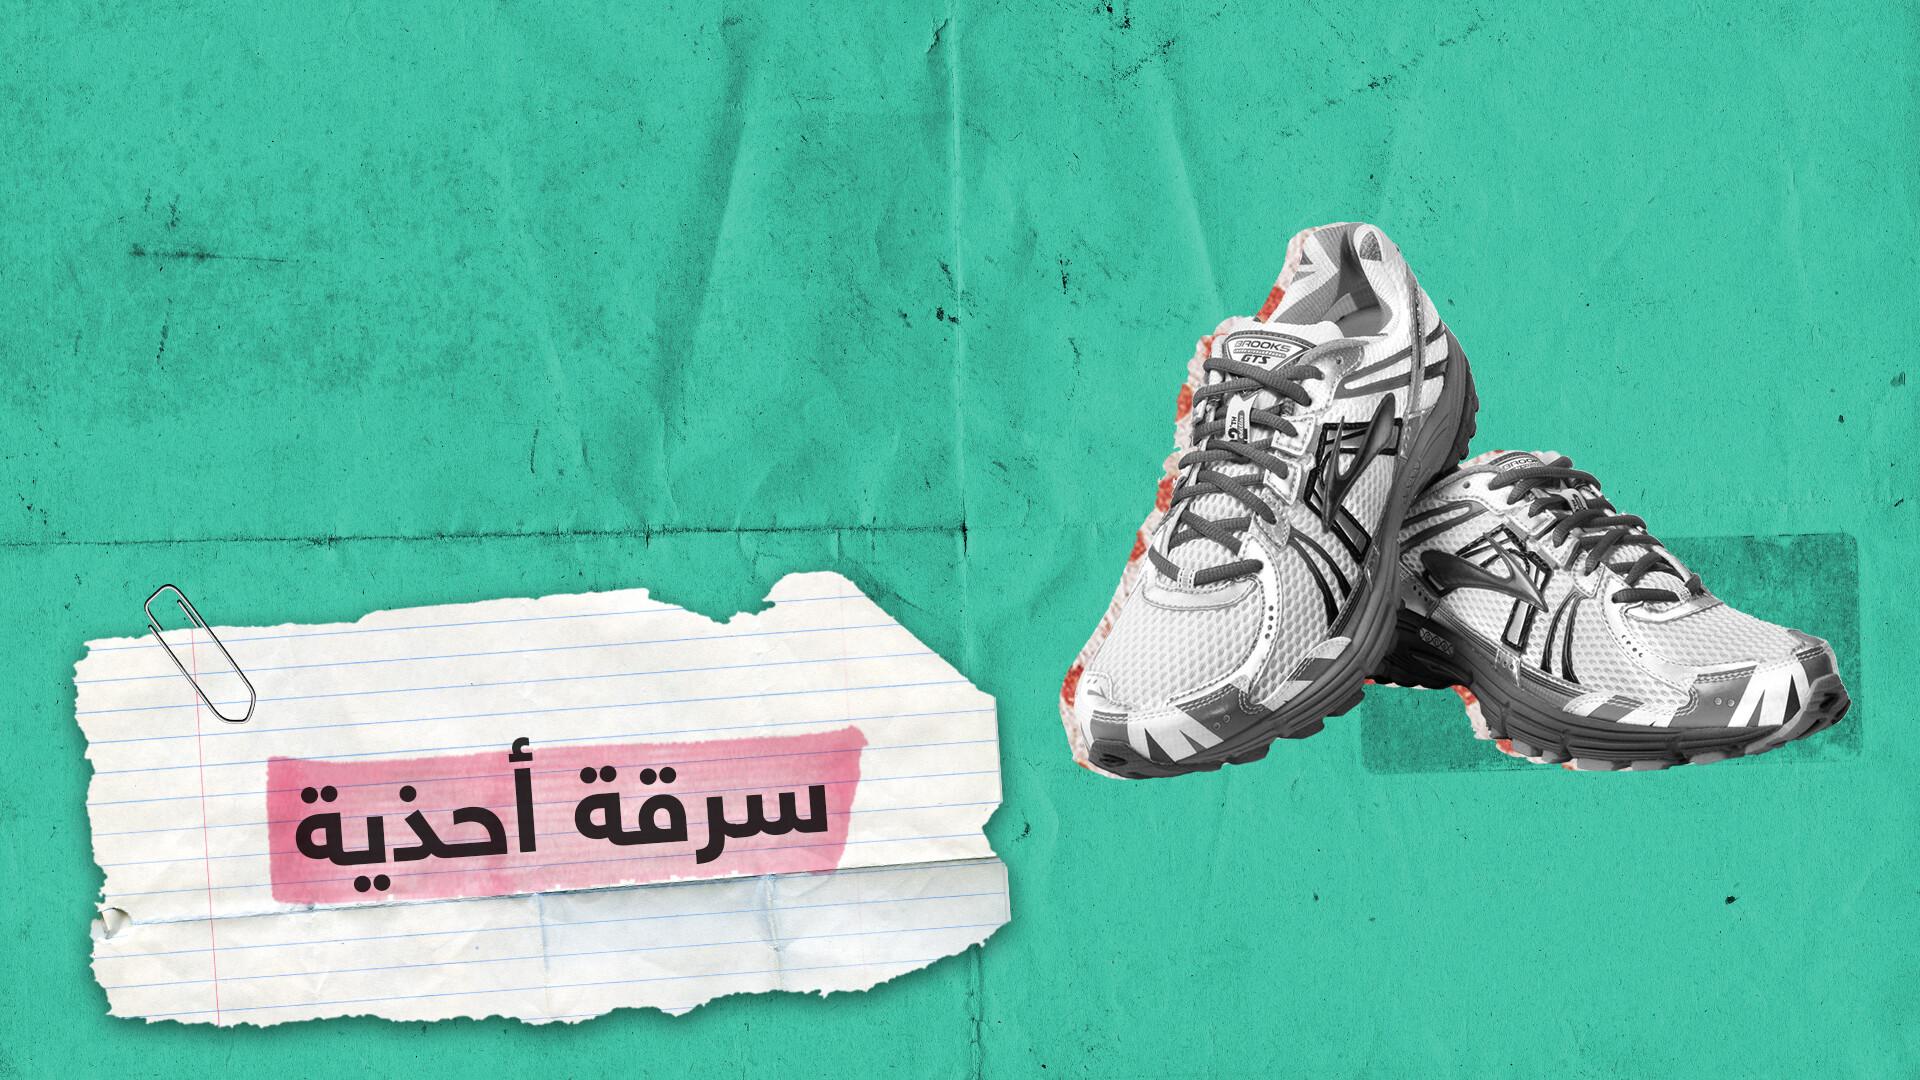 ما حقيقة اتهام منتخب تونسي بـ